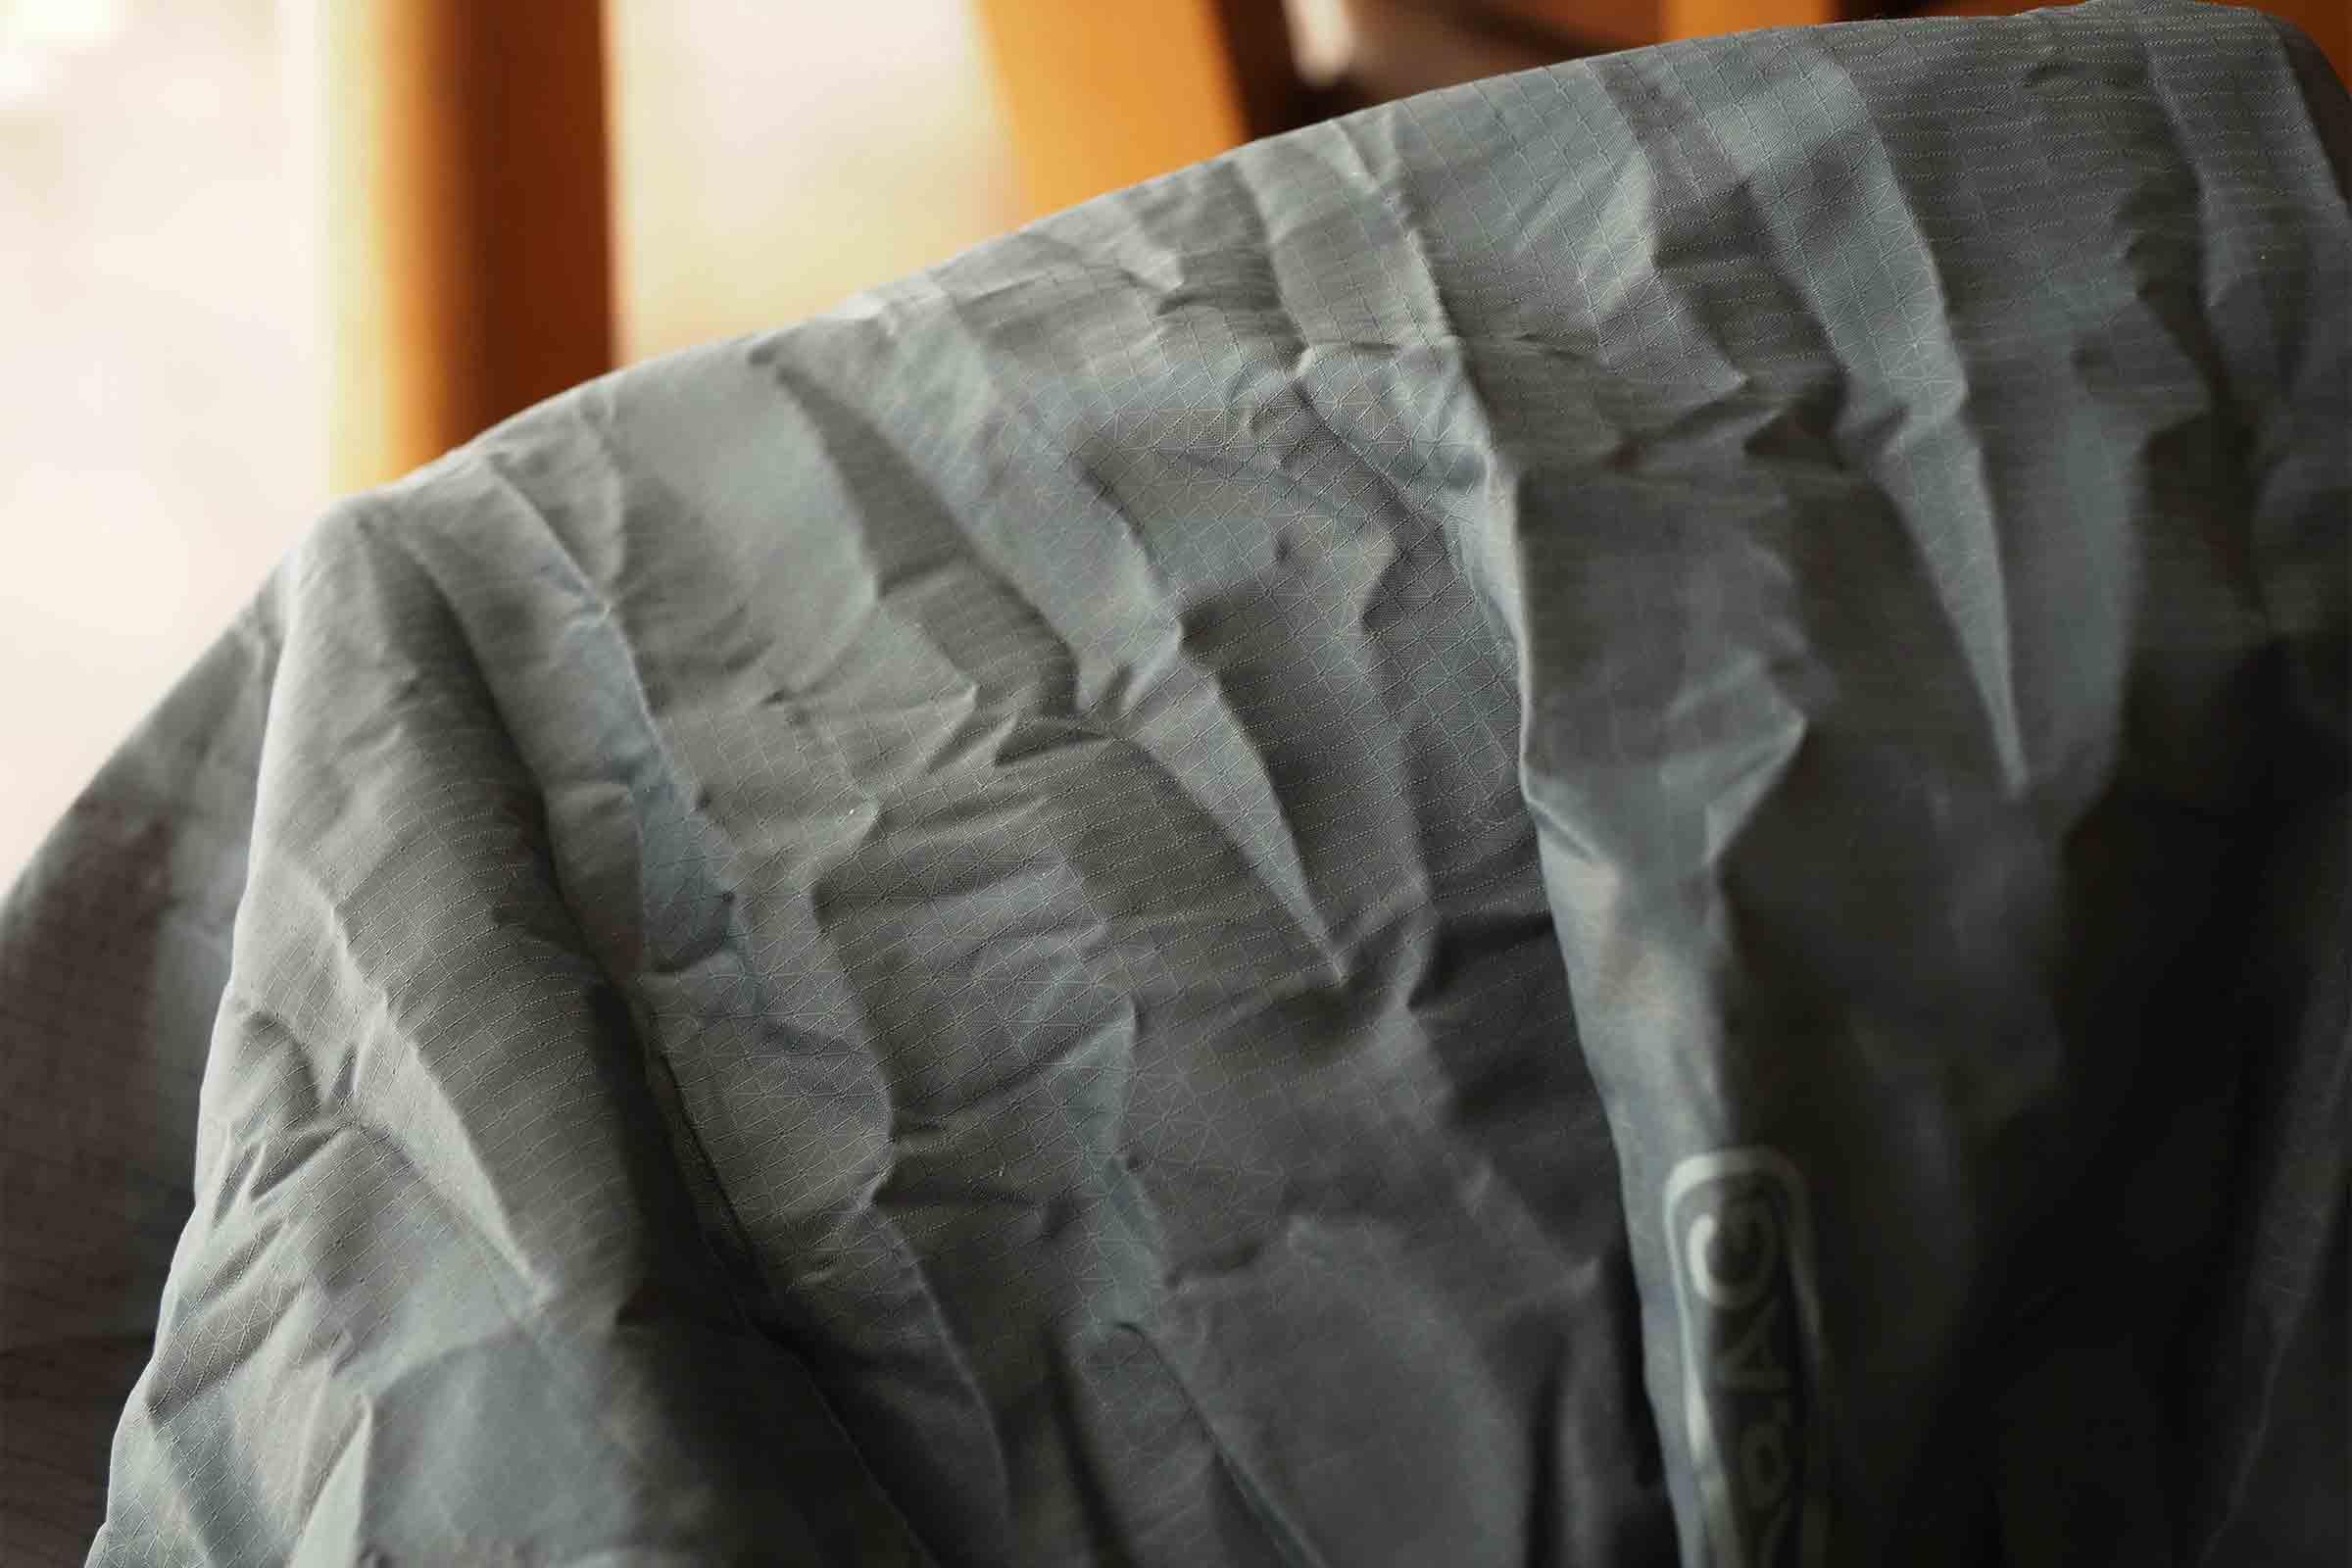 エコバッグ,nano bag,小さい,コンパクト,軽い,お洒落,丈夫